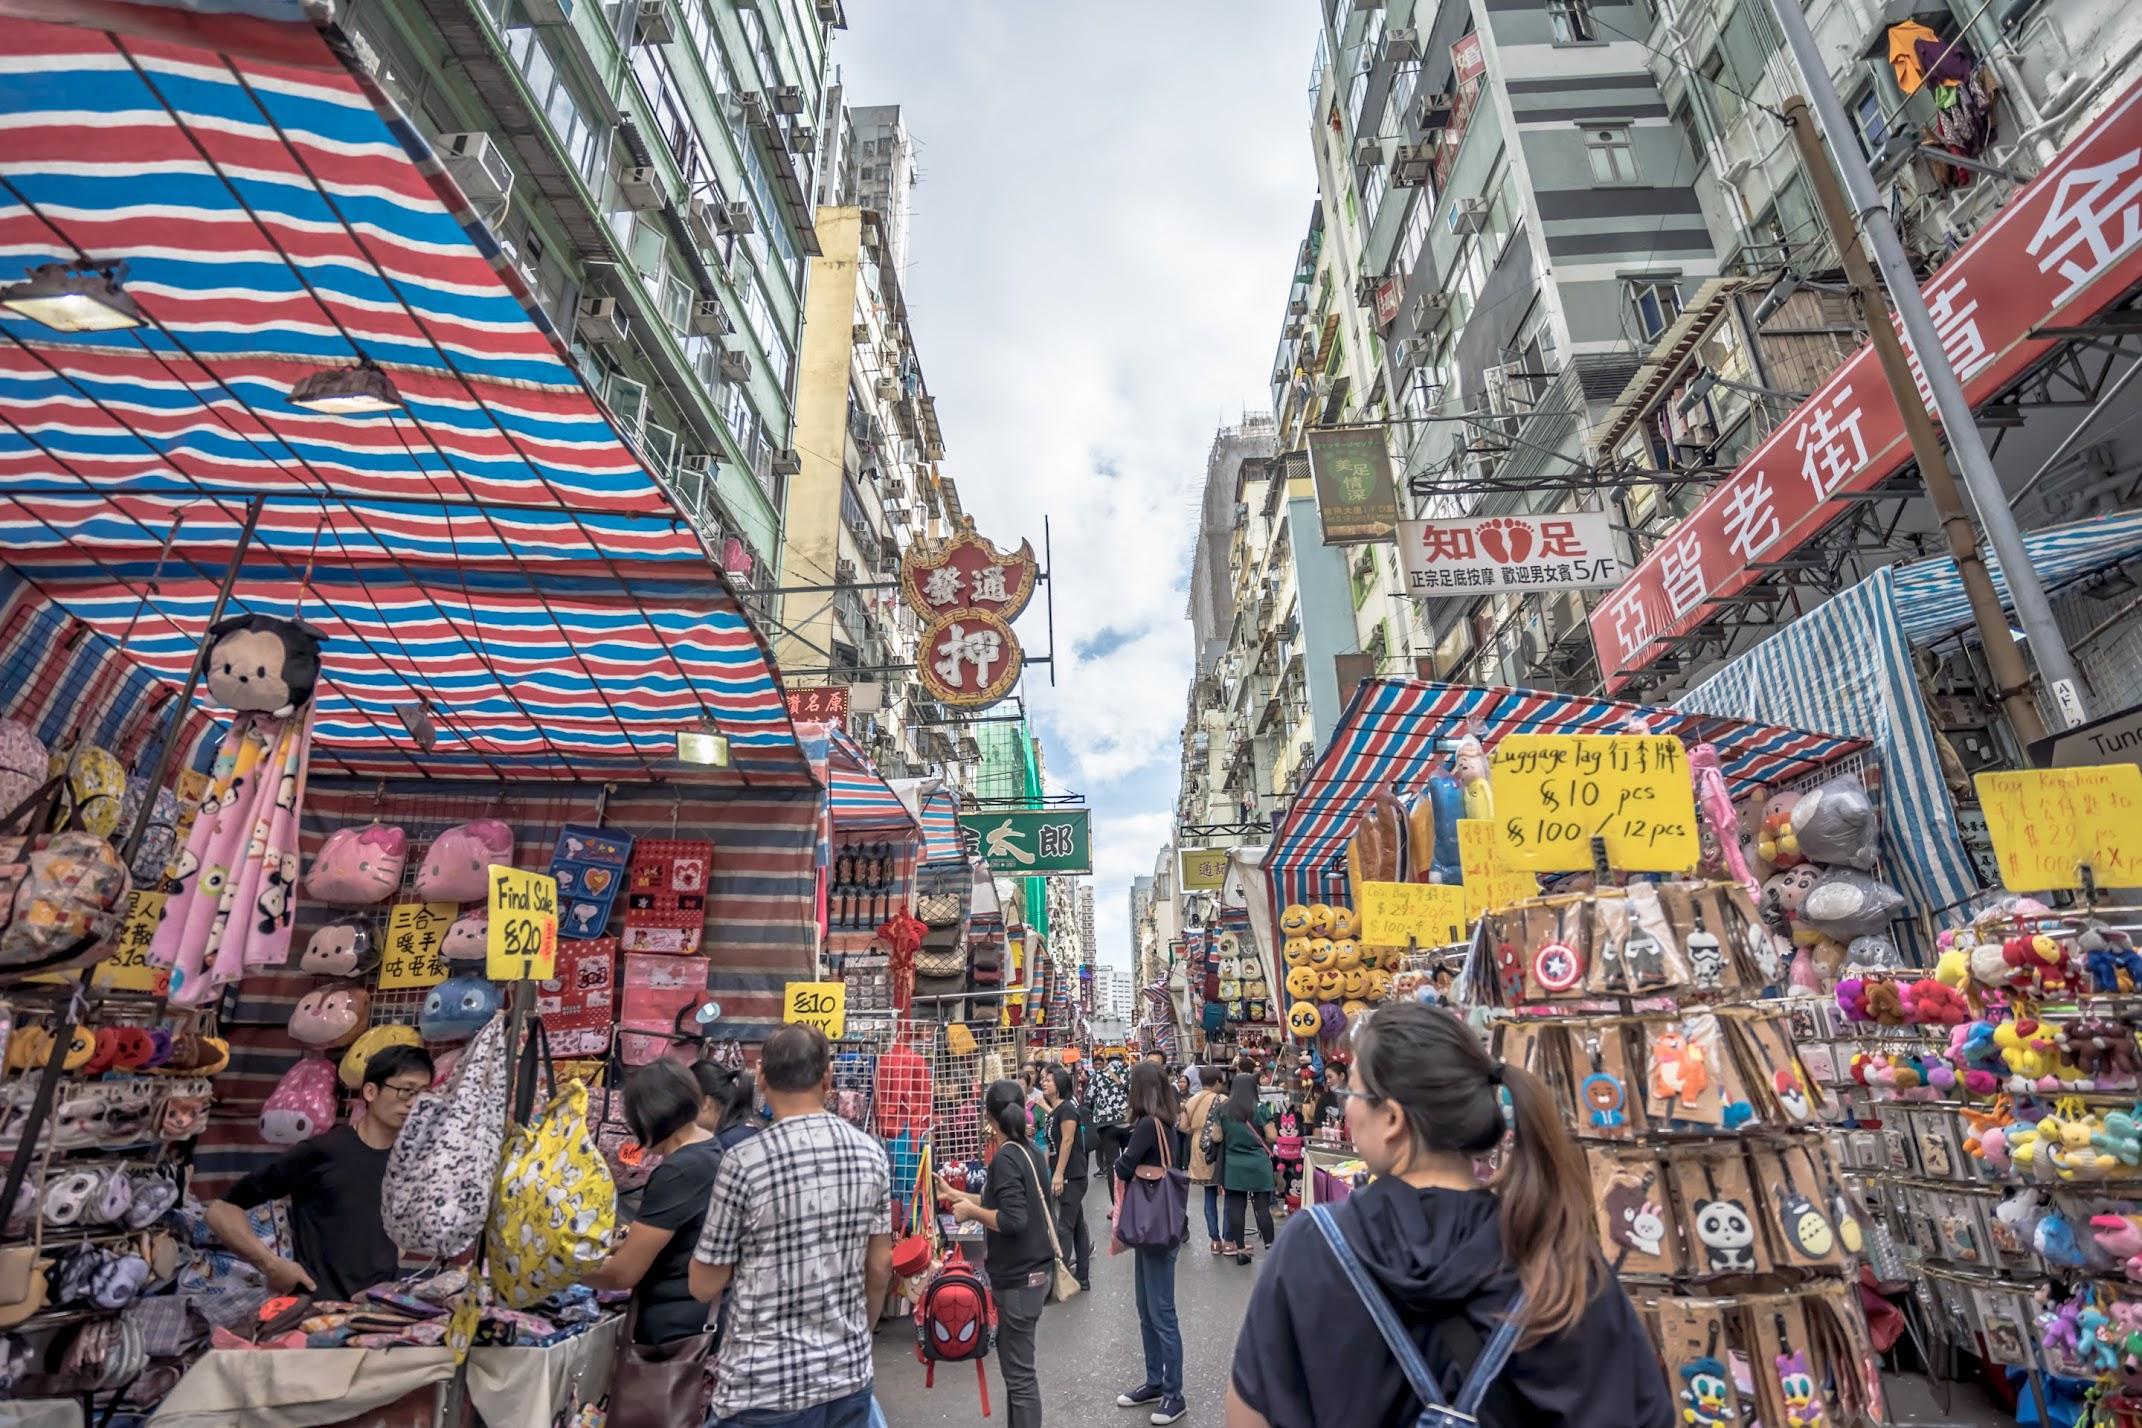 香港旅行記 その11 旺角・油麻地・佐敦散策(金魚街・女人街・男人街など)   KOSUBLOG